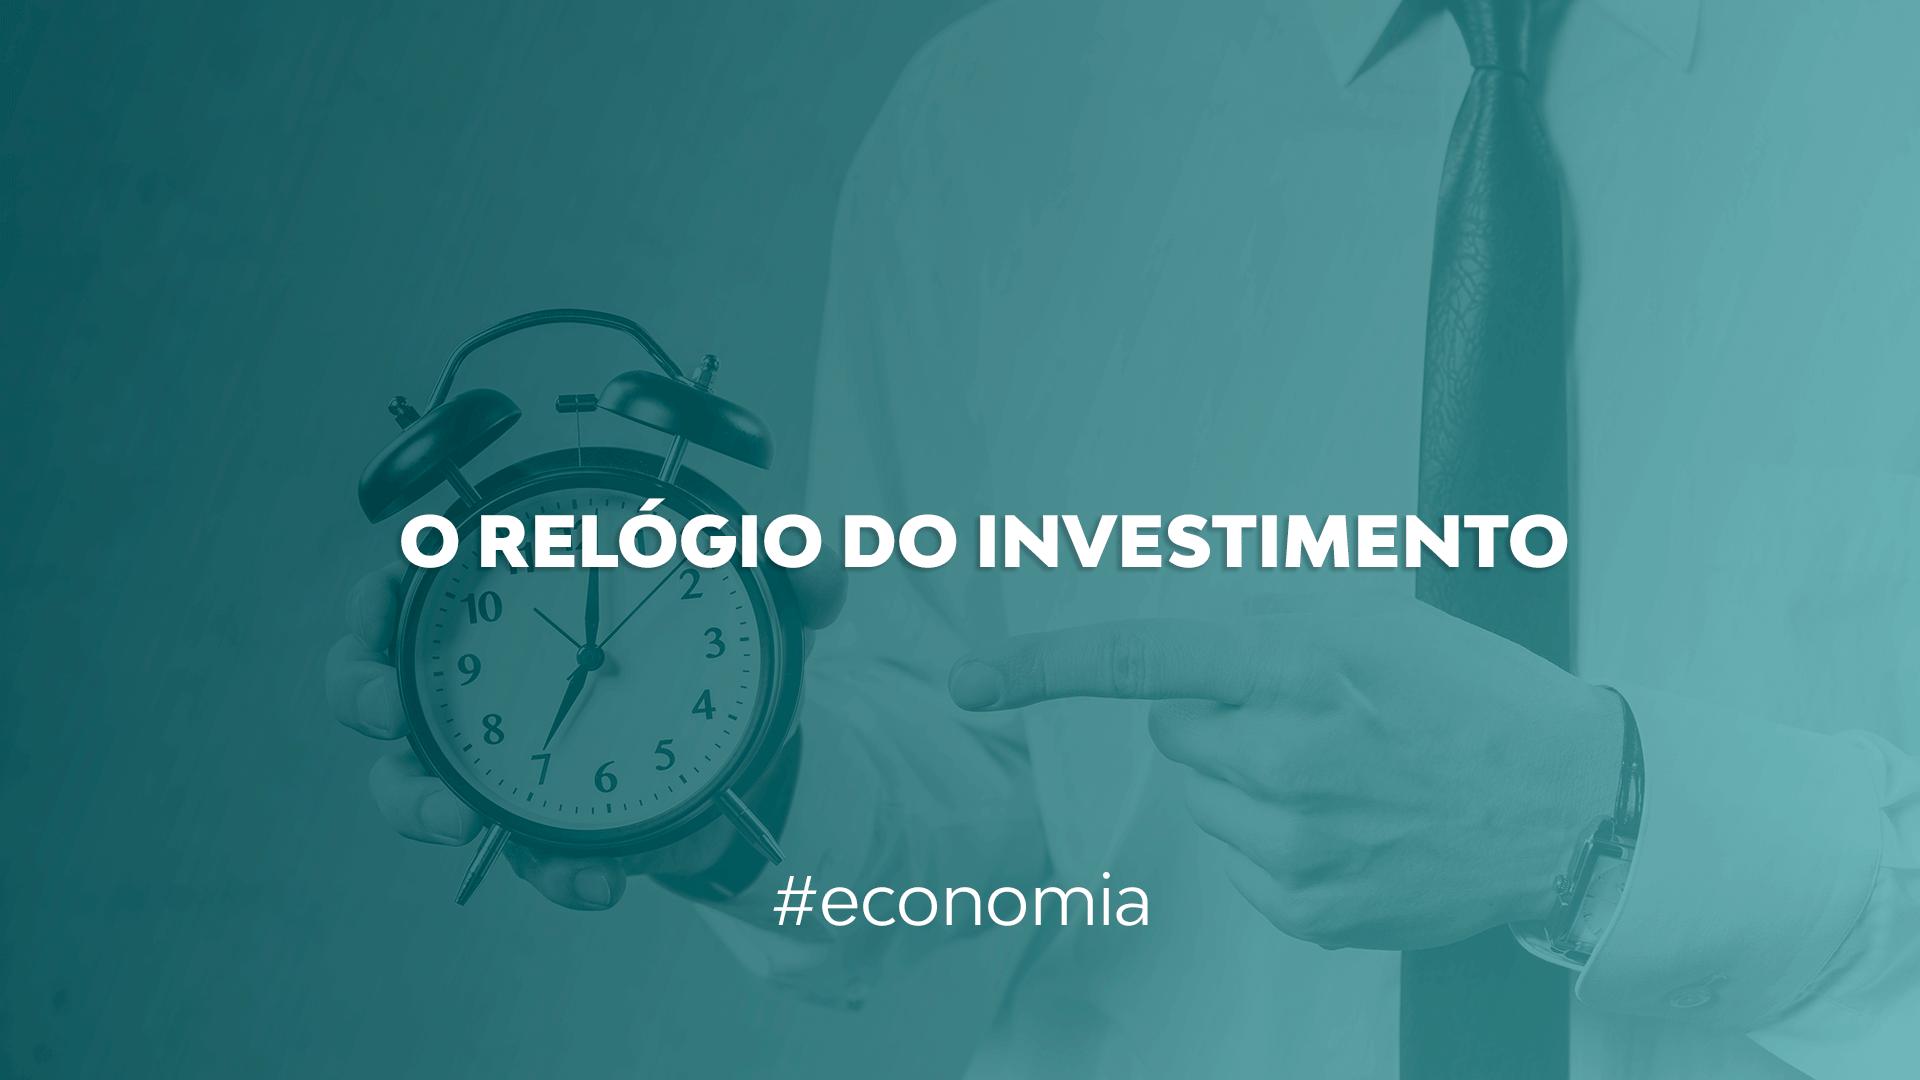 O relógio do investimento